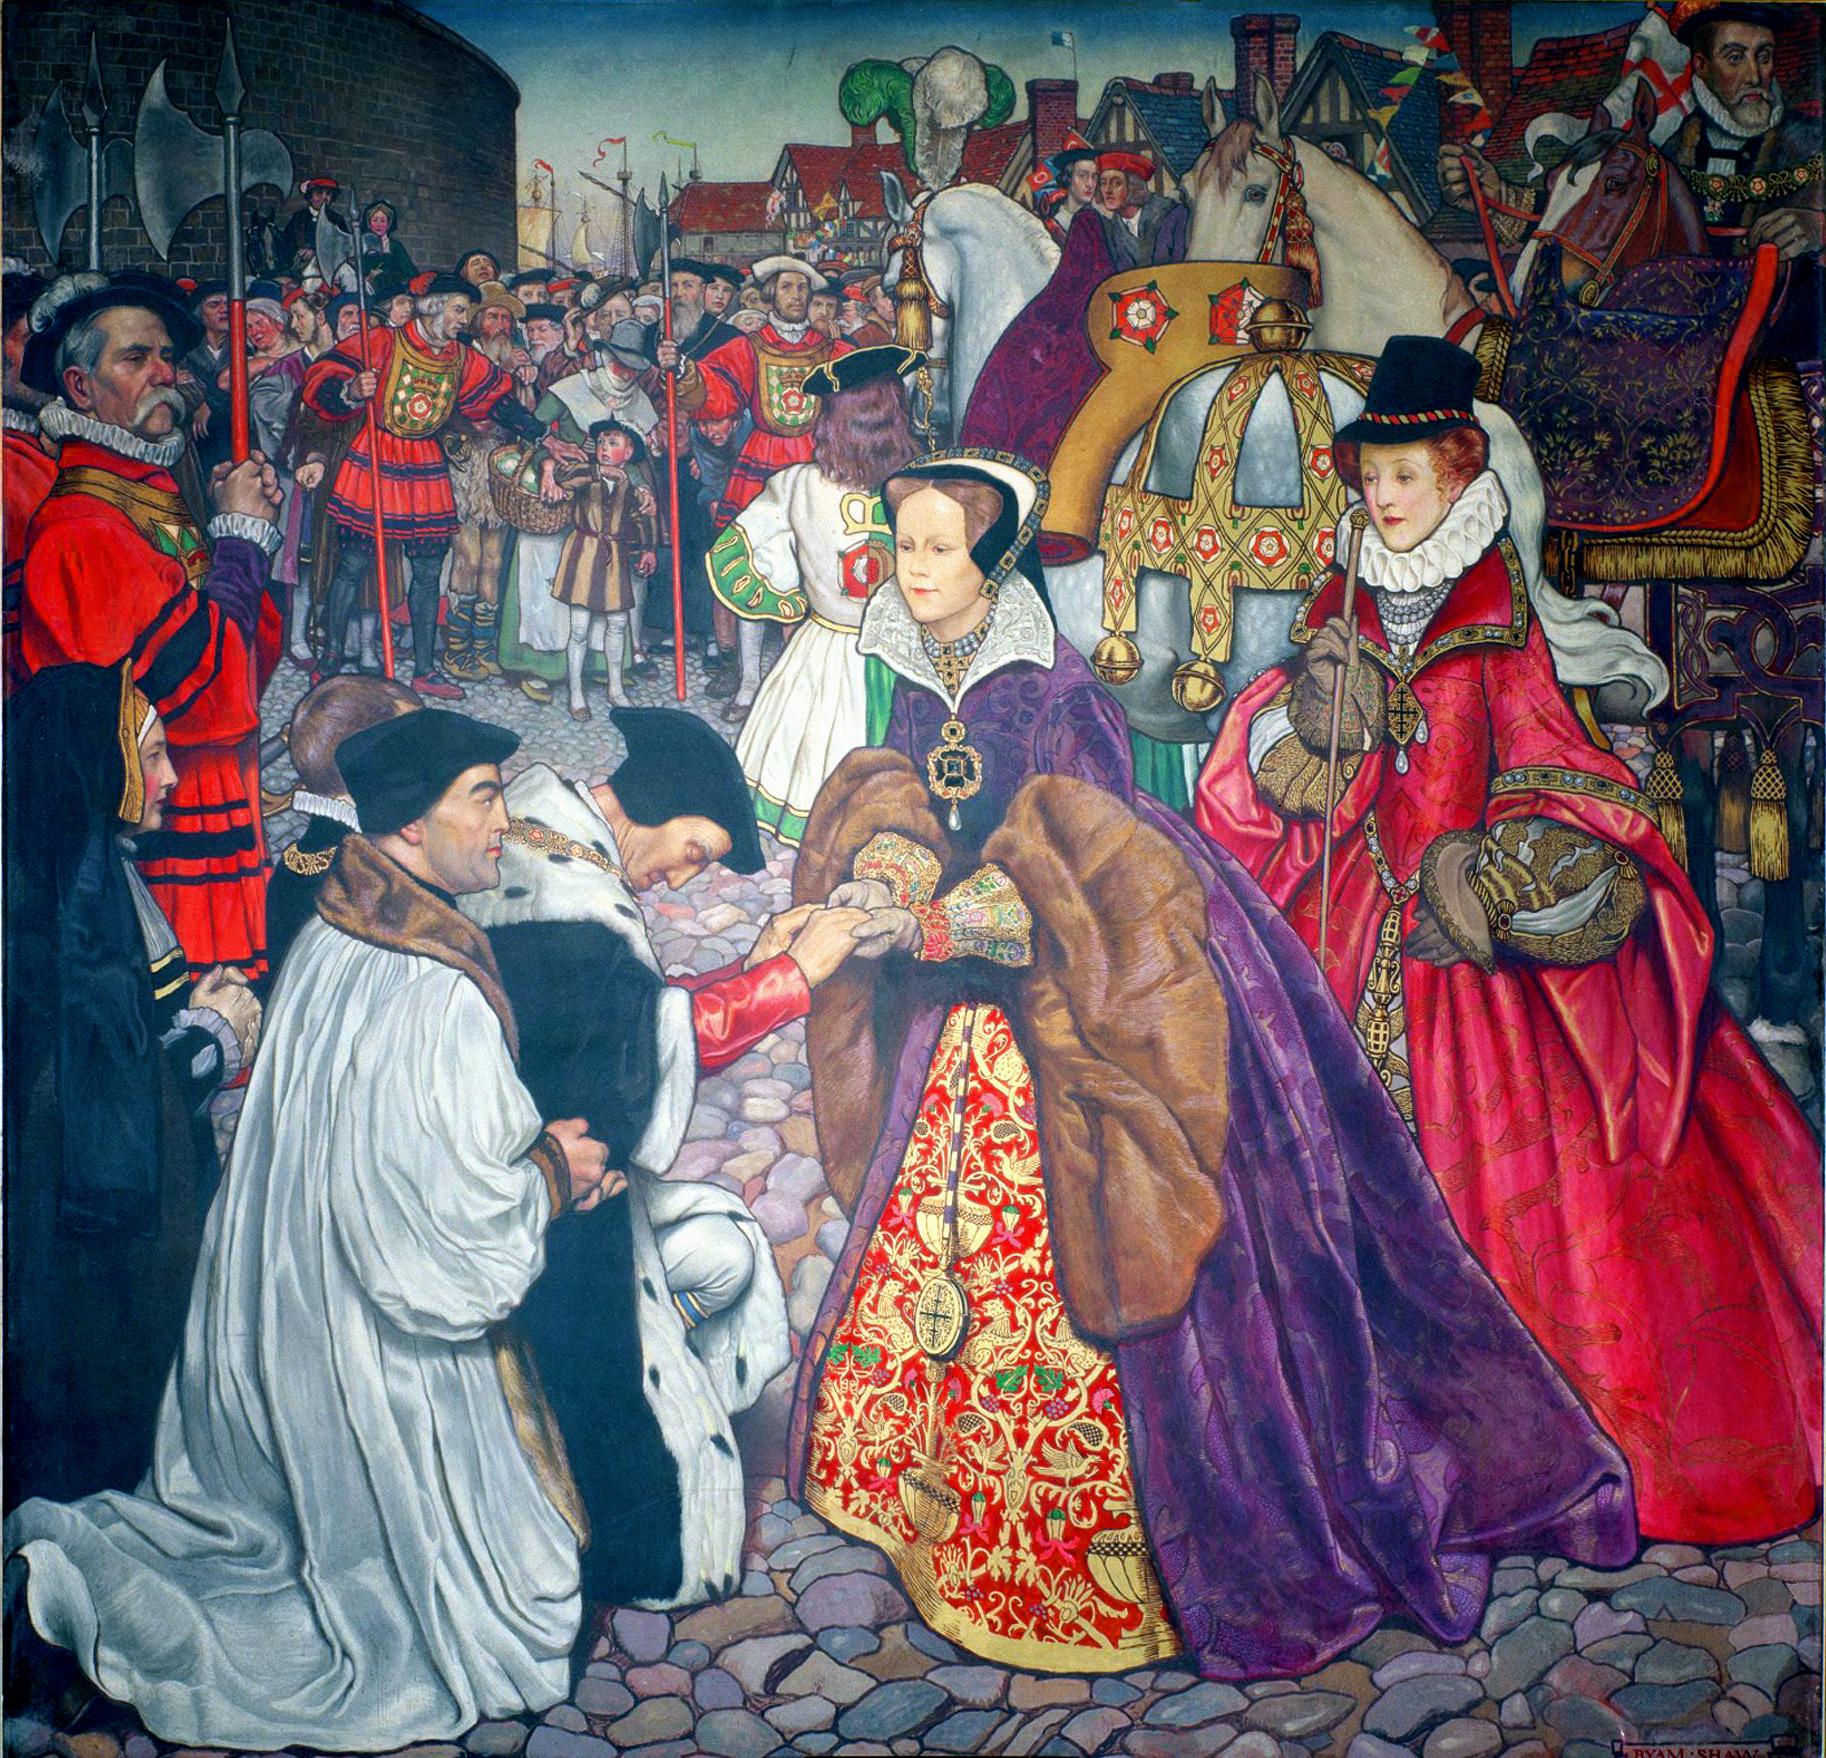 Soubor:Mary I. Entry Into London.jpg